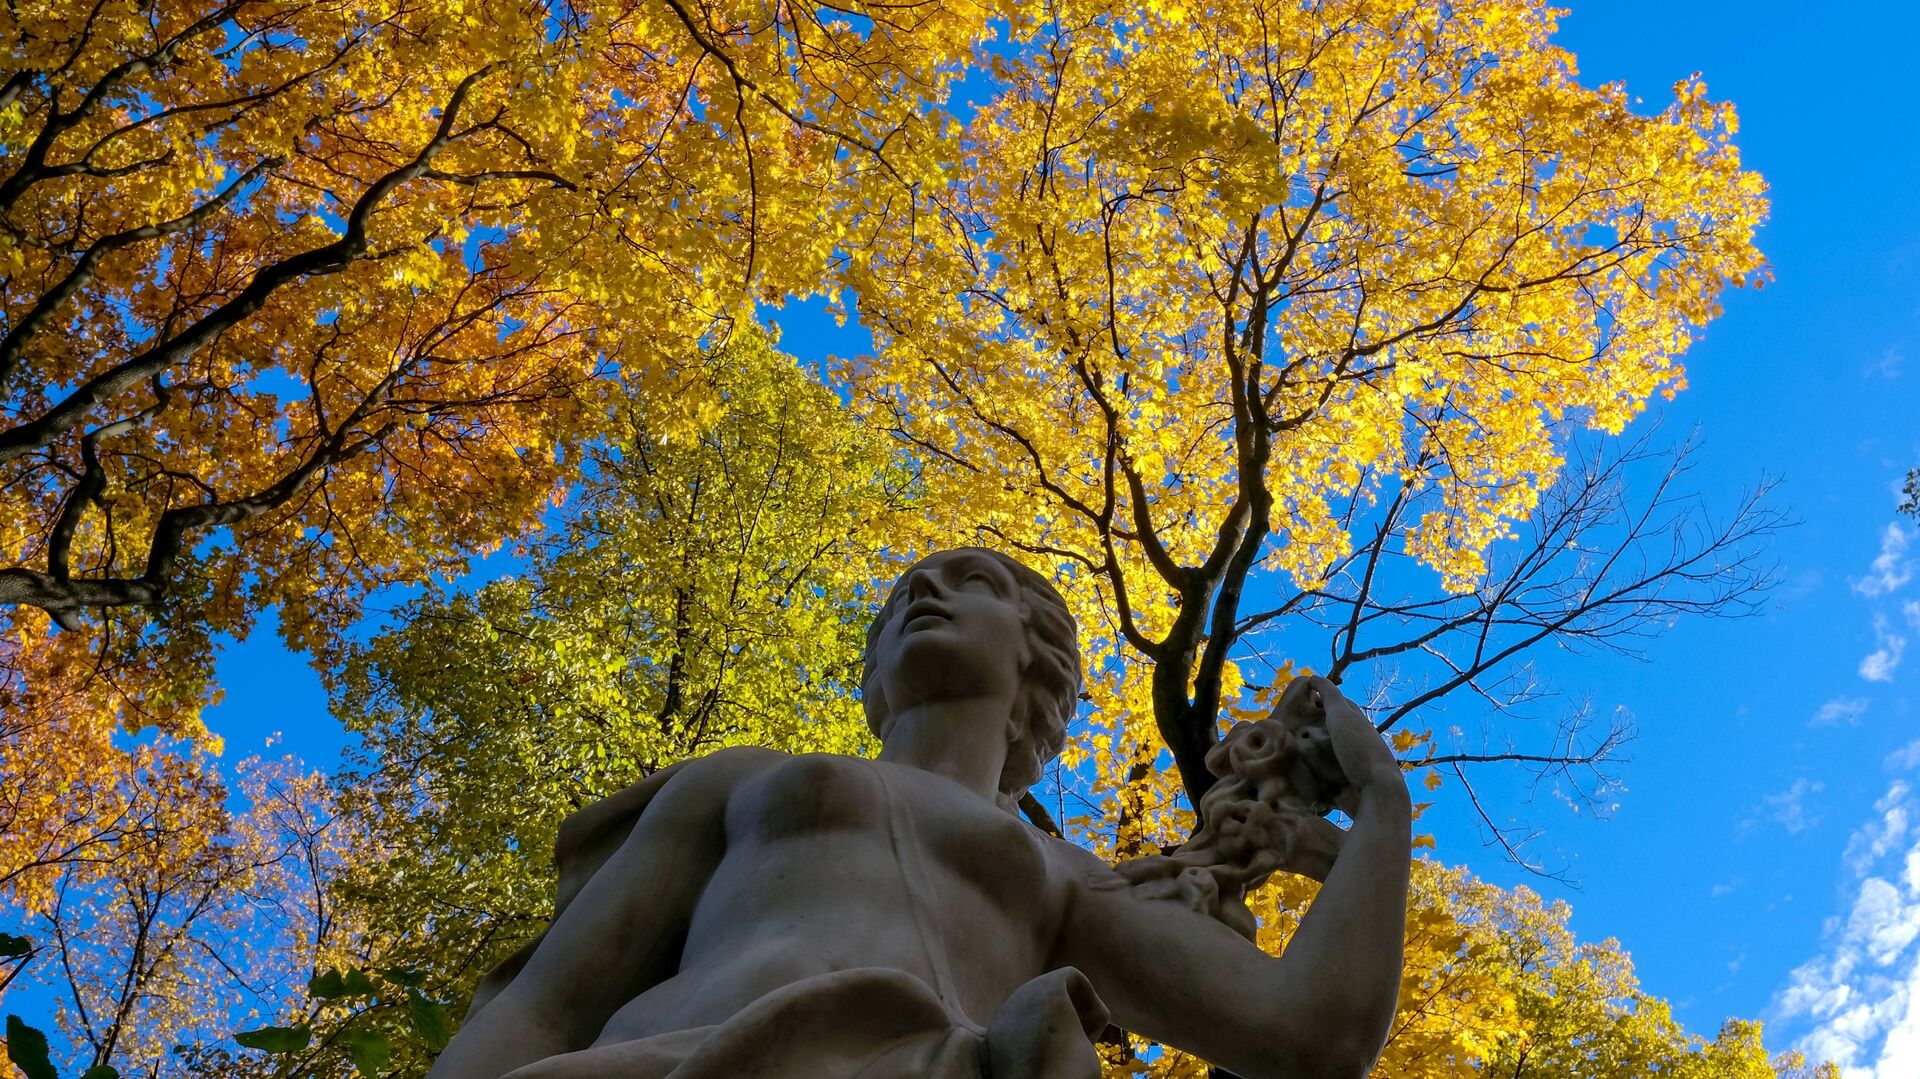 Статуя в Летнем саду в Санкт-Петербурге - РИА Новости, 1920, 01.12.2020